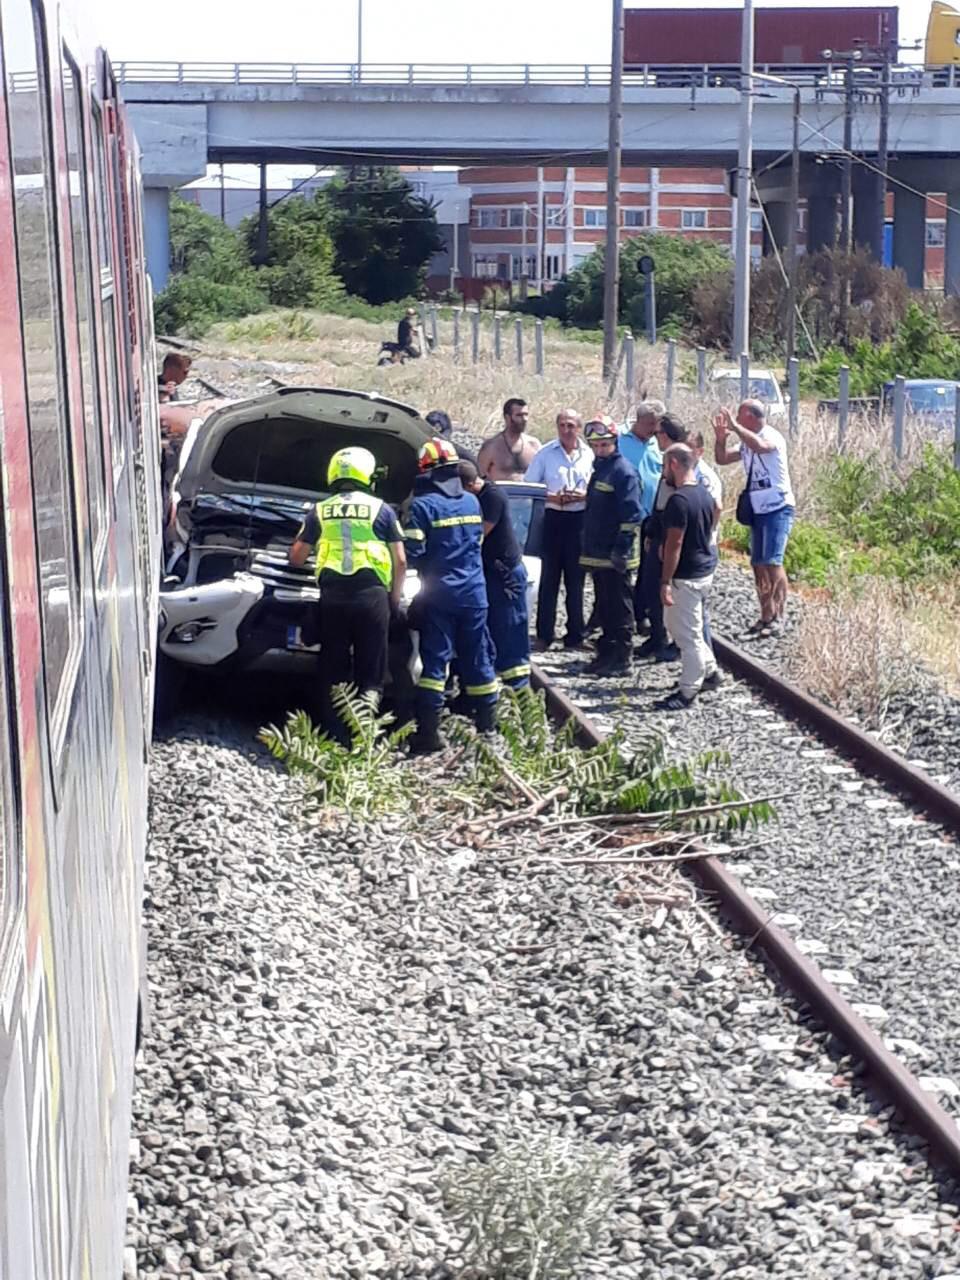 Σύγκρουση τρένου με αυτοκίνητο έξω από τα Διαβατά - Νεκρή η έγκυος συνοδηγός, φωτογραφία-1